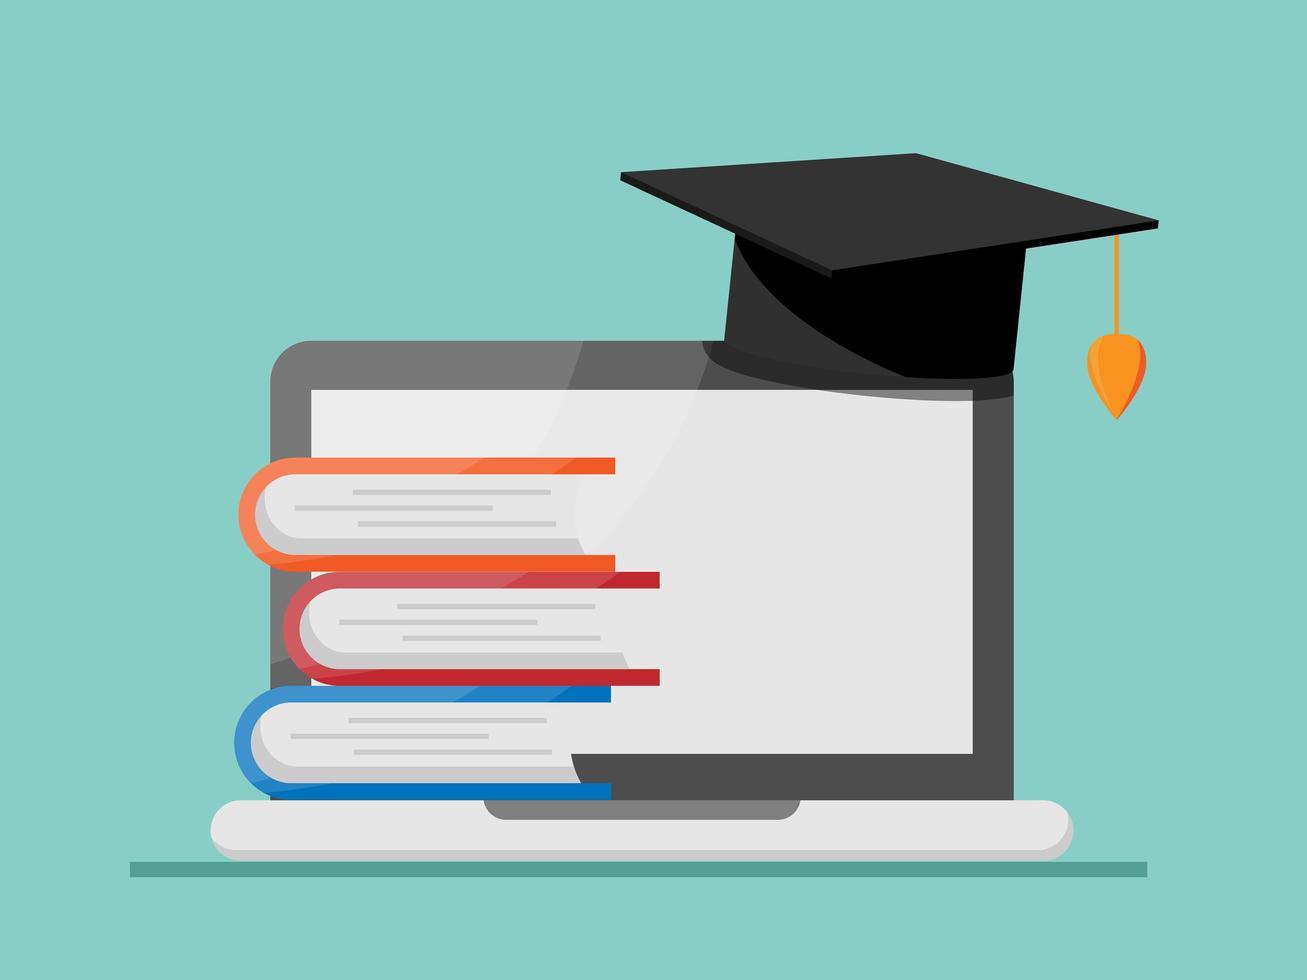 ilustração em vetor conceito educação online